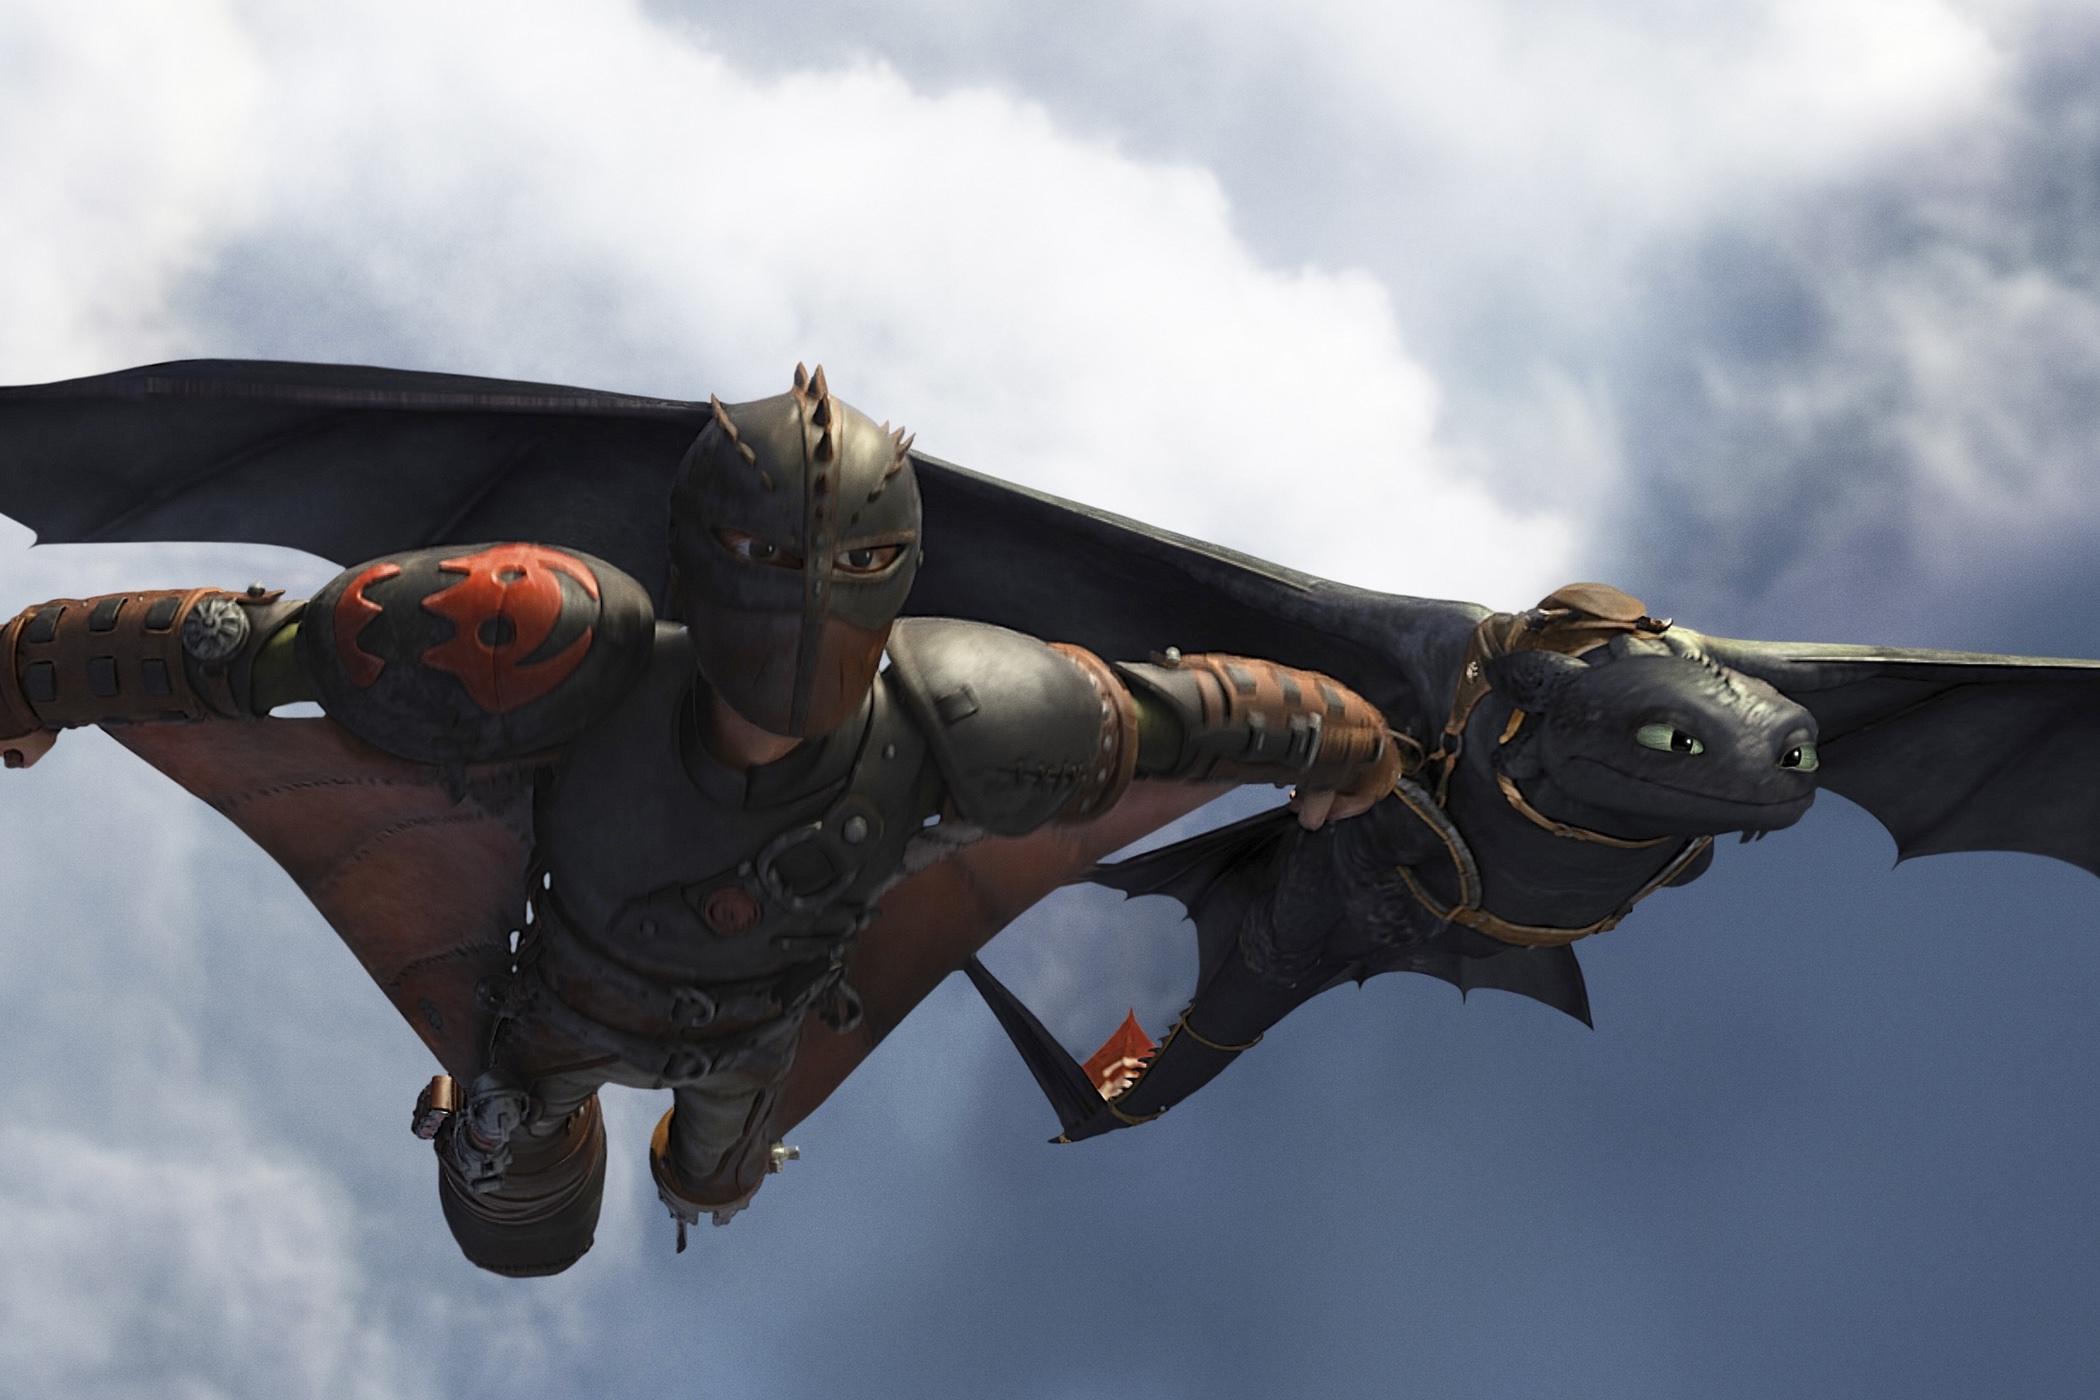 Deblois dragons 2